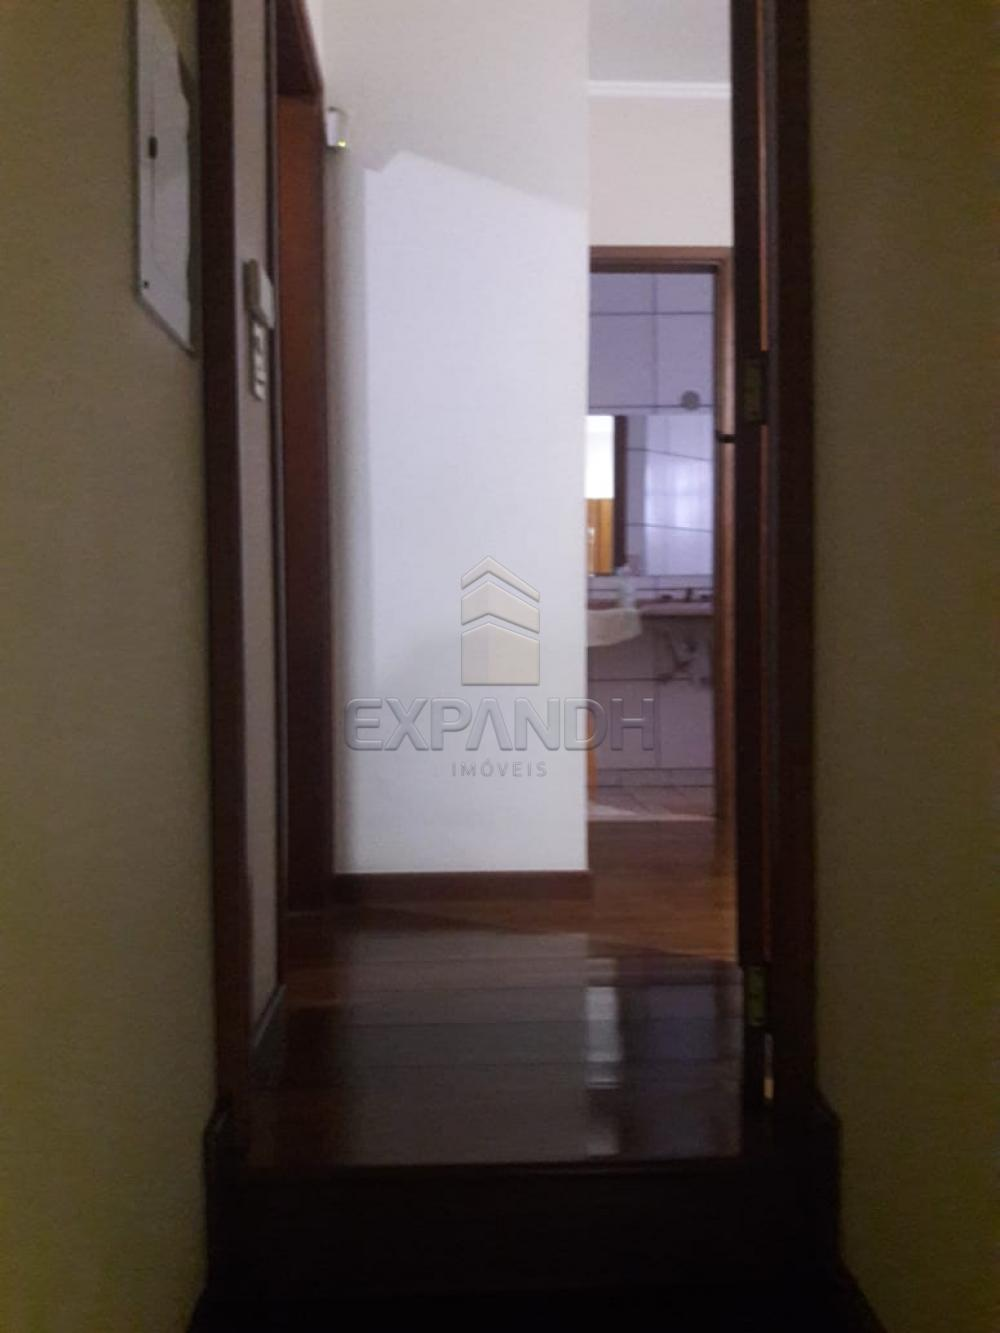 Comprar Casas / Padrão em Sertãozinho R$ 590.000,00 - Foto 18